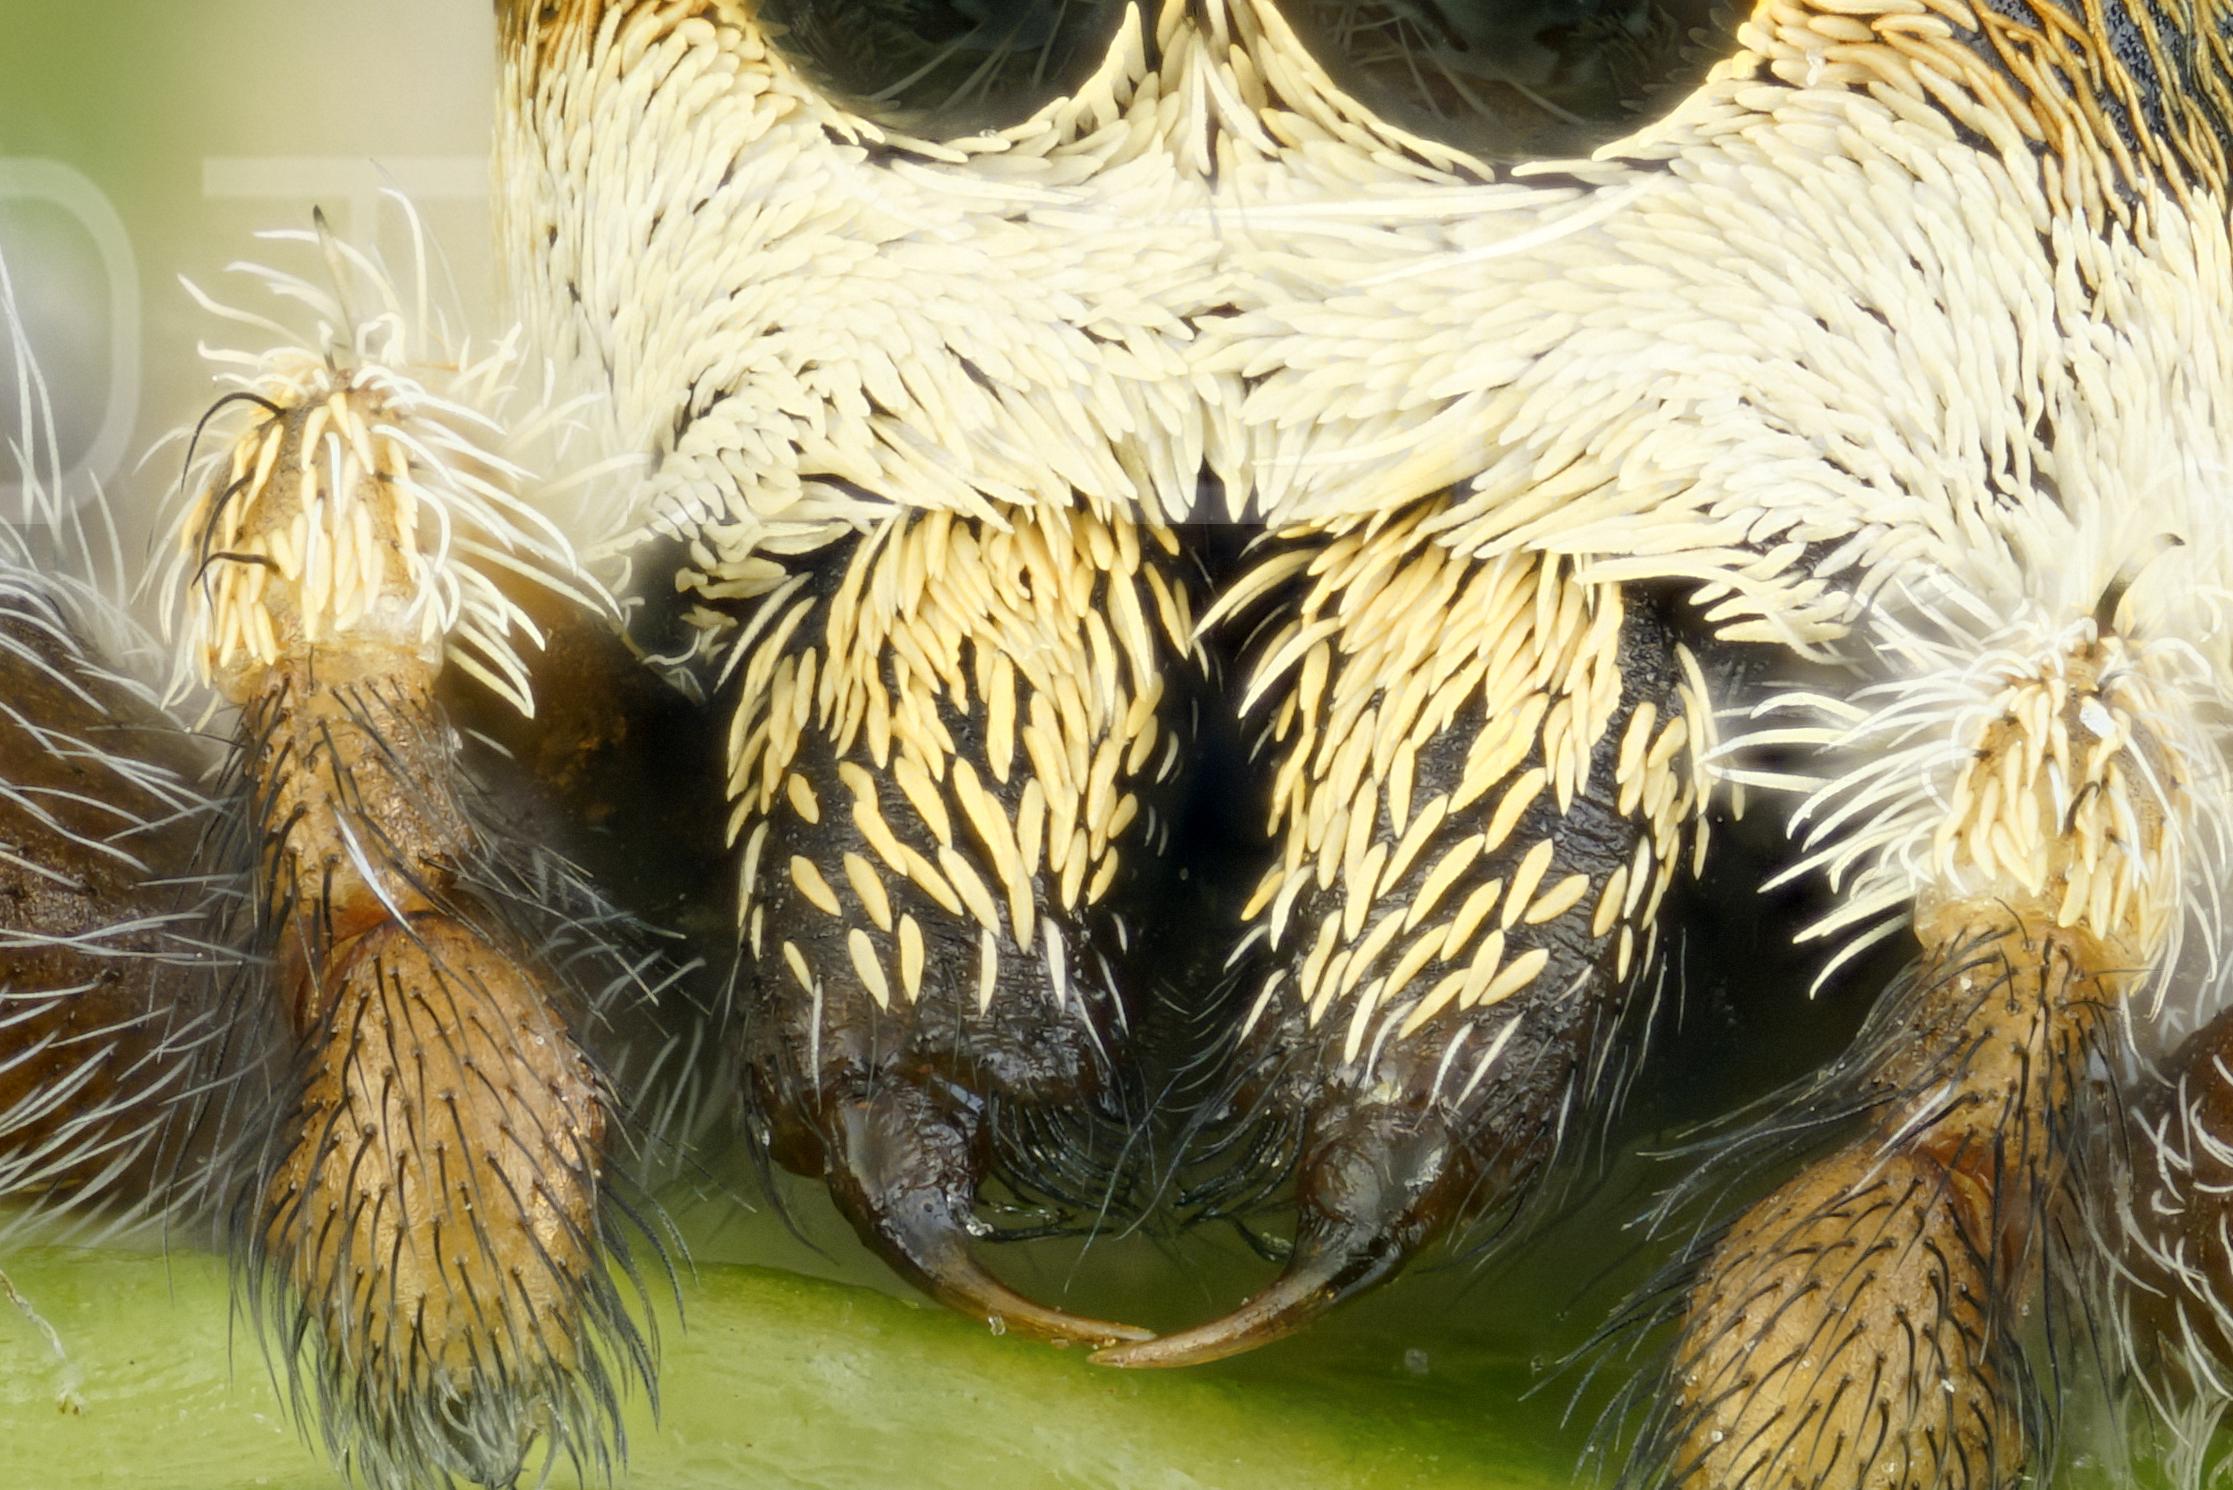 Foro AFT: NUEVO ENCUADRE Araña de la Tundra 6x (MACRO EXT) (1/3)